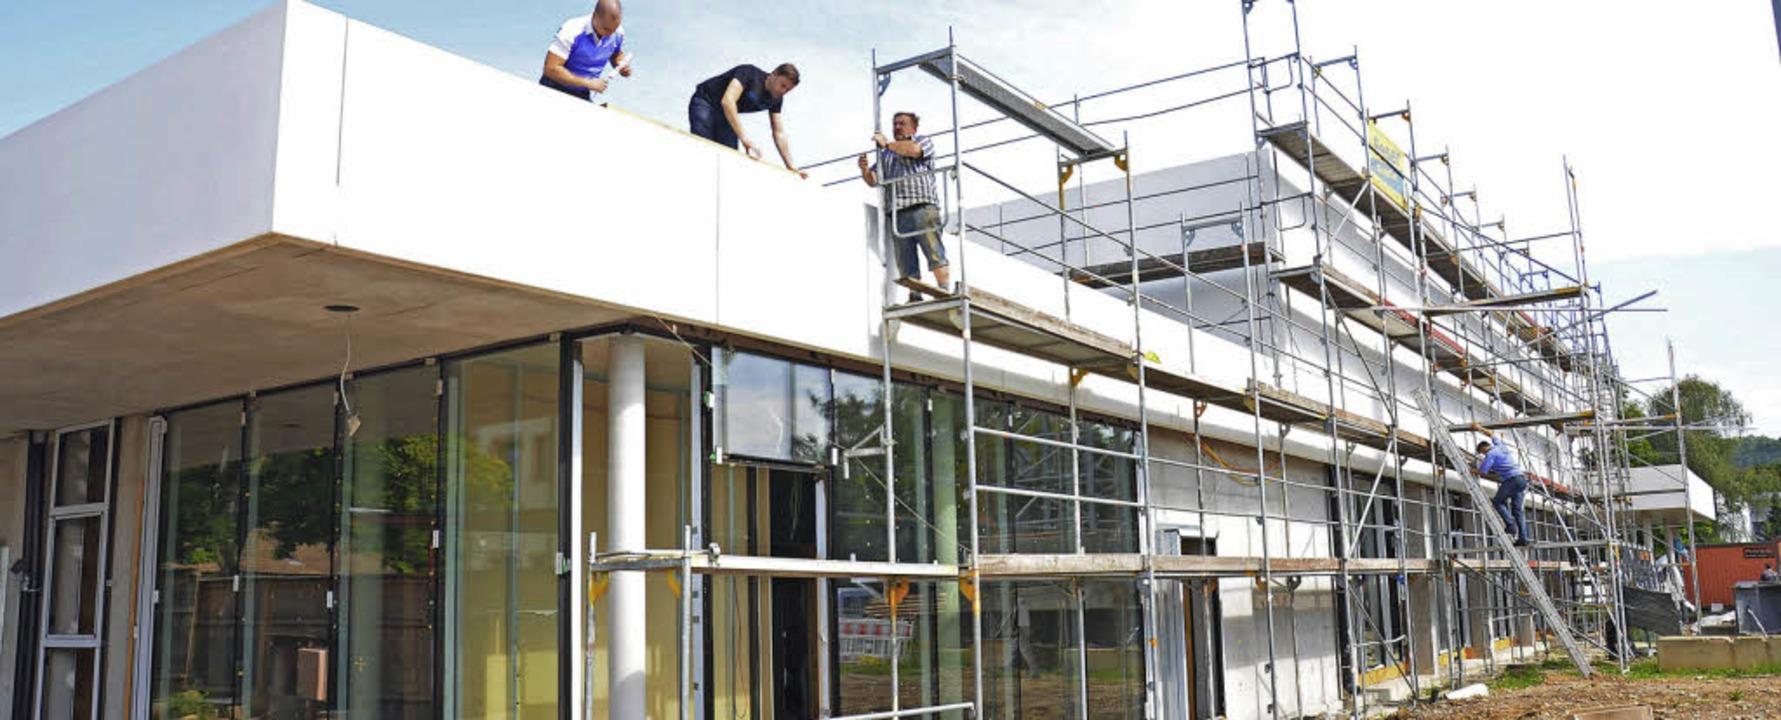 Tumringer Halle: Die Rohbauarbeiten stehen vor dem Abschluss.   | Foto: Nikolaus Trenz